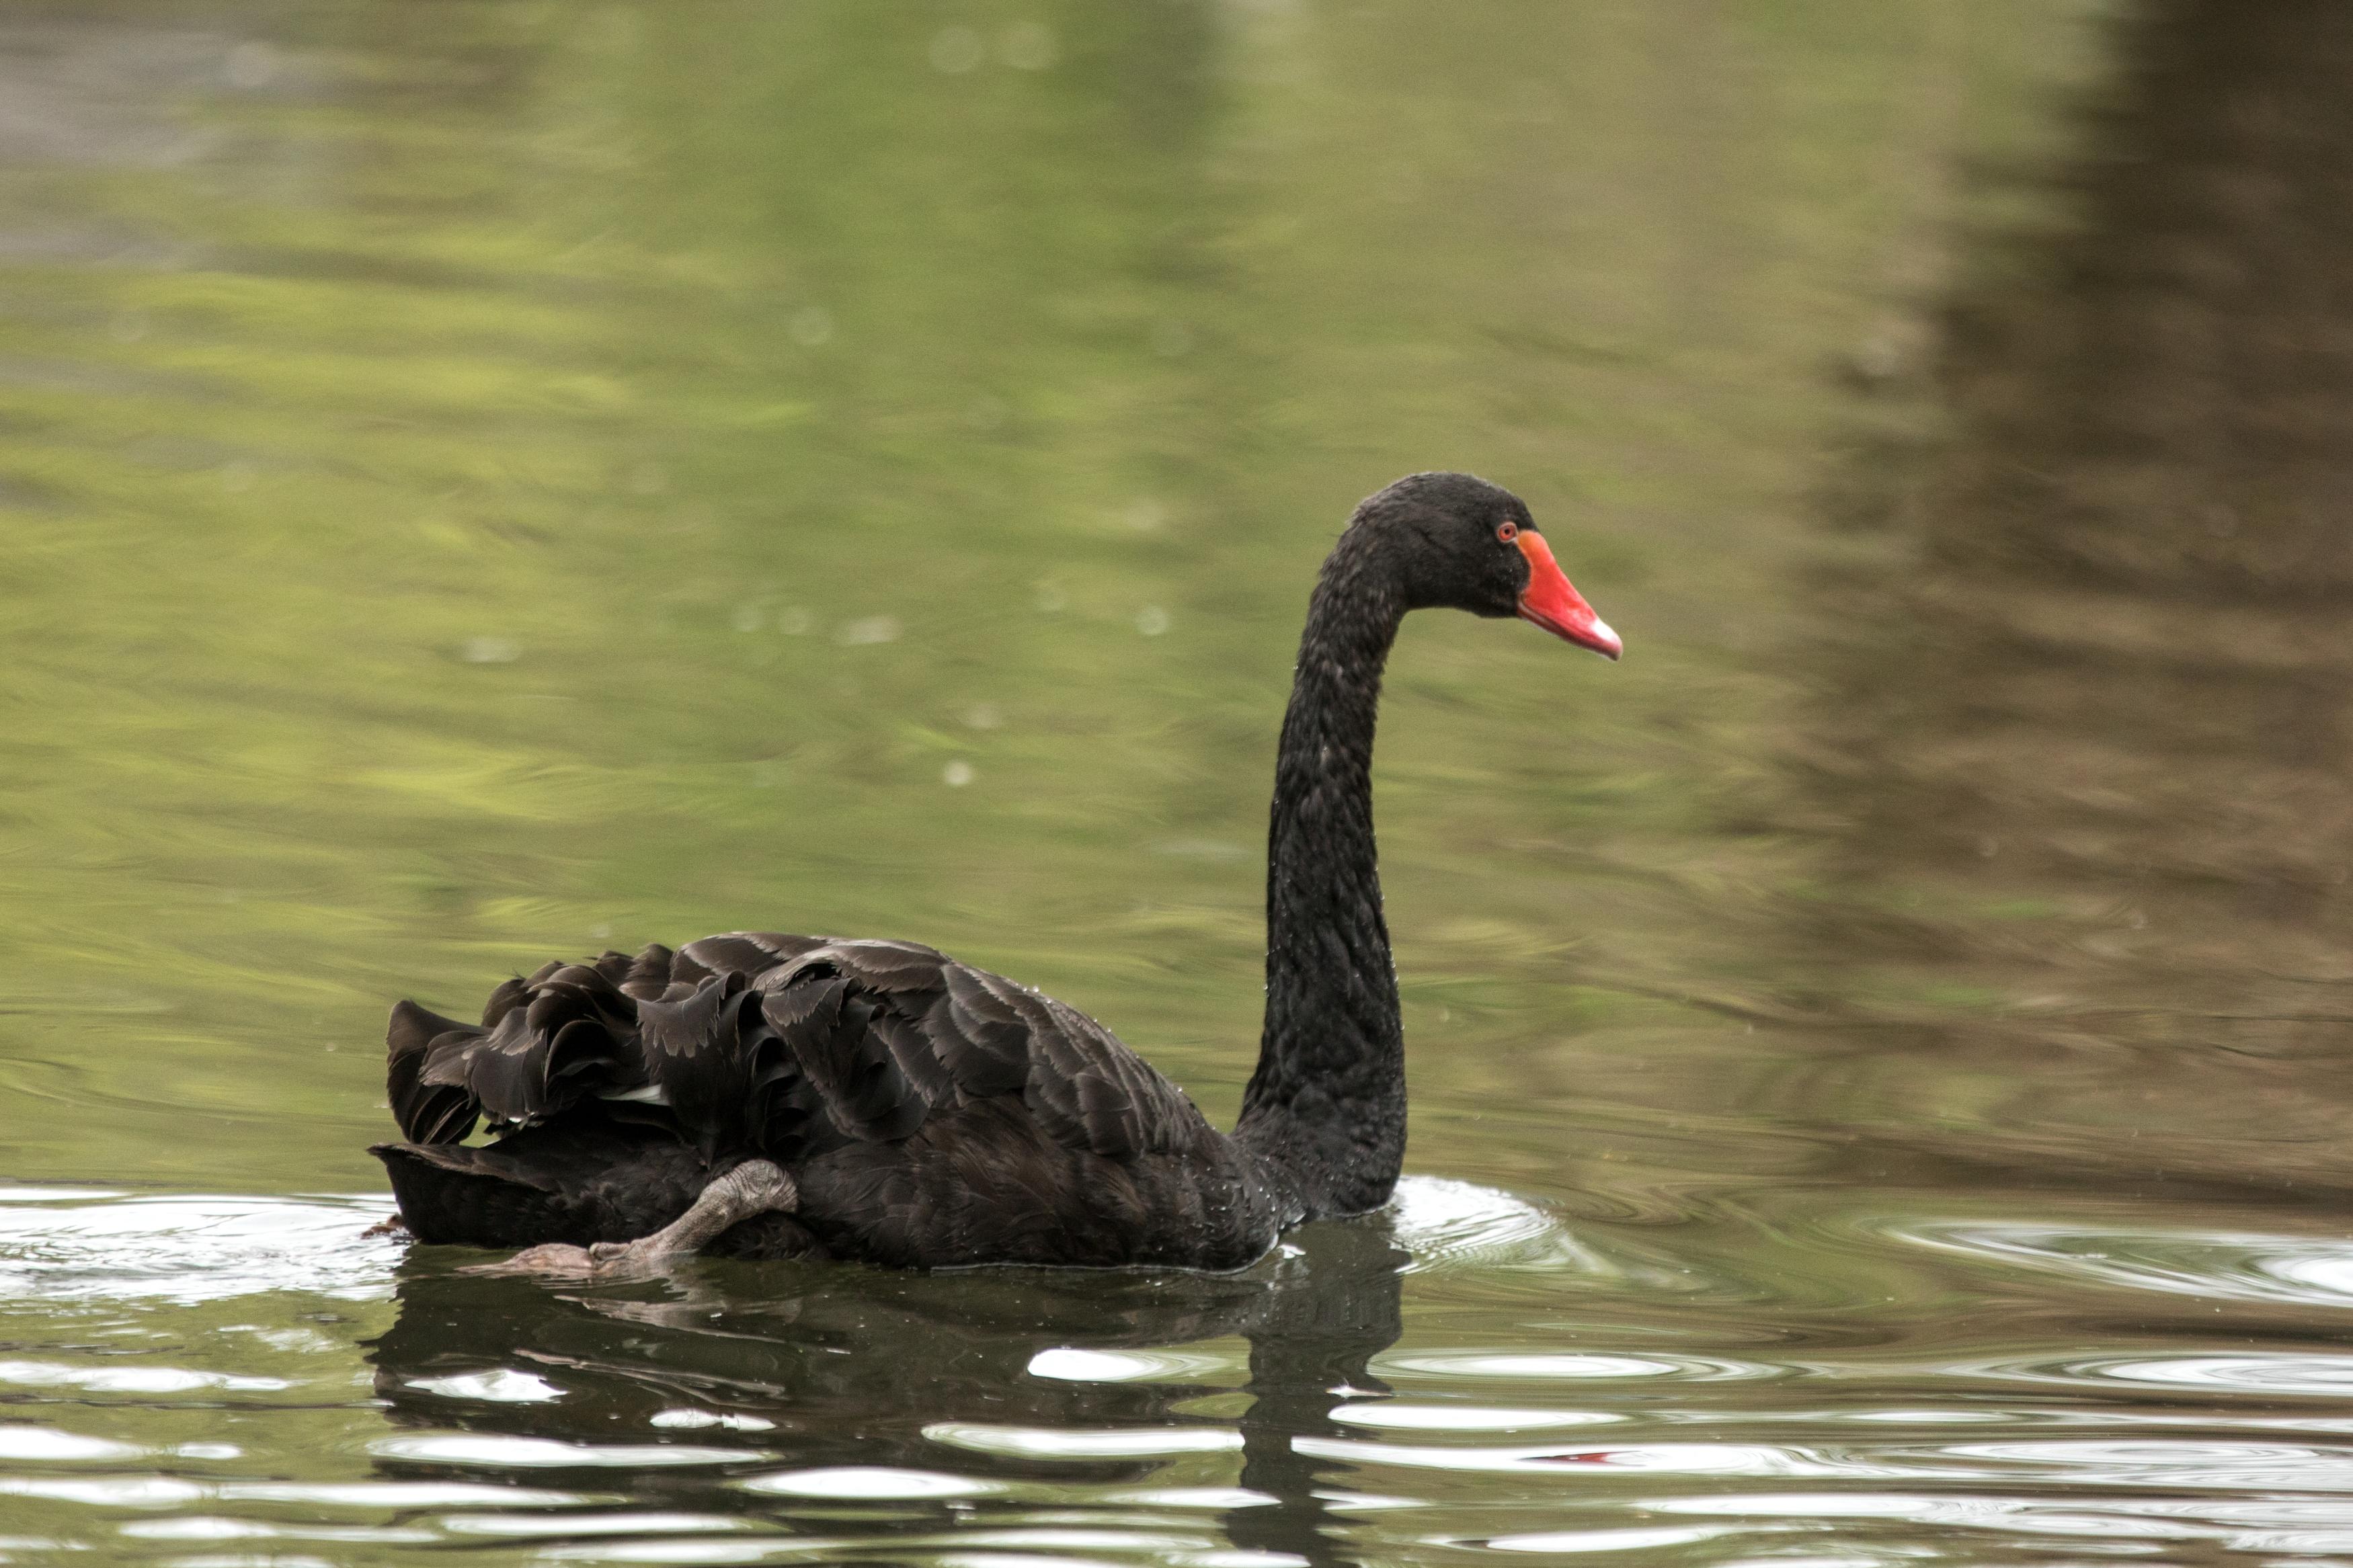 Black Swan in water